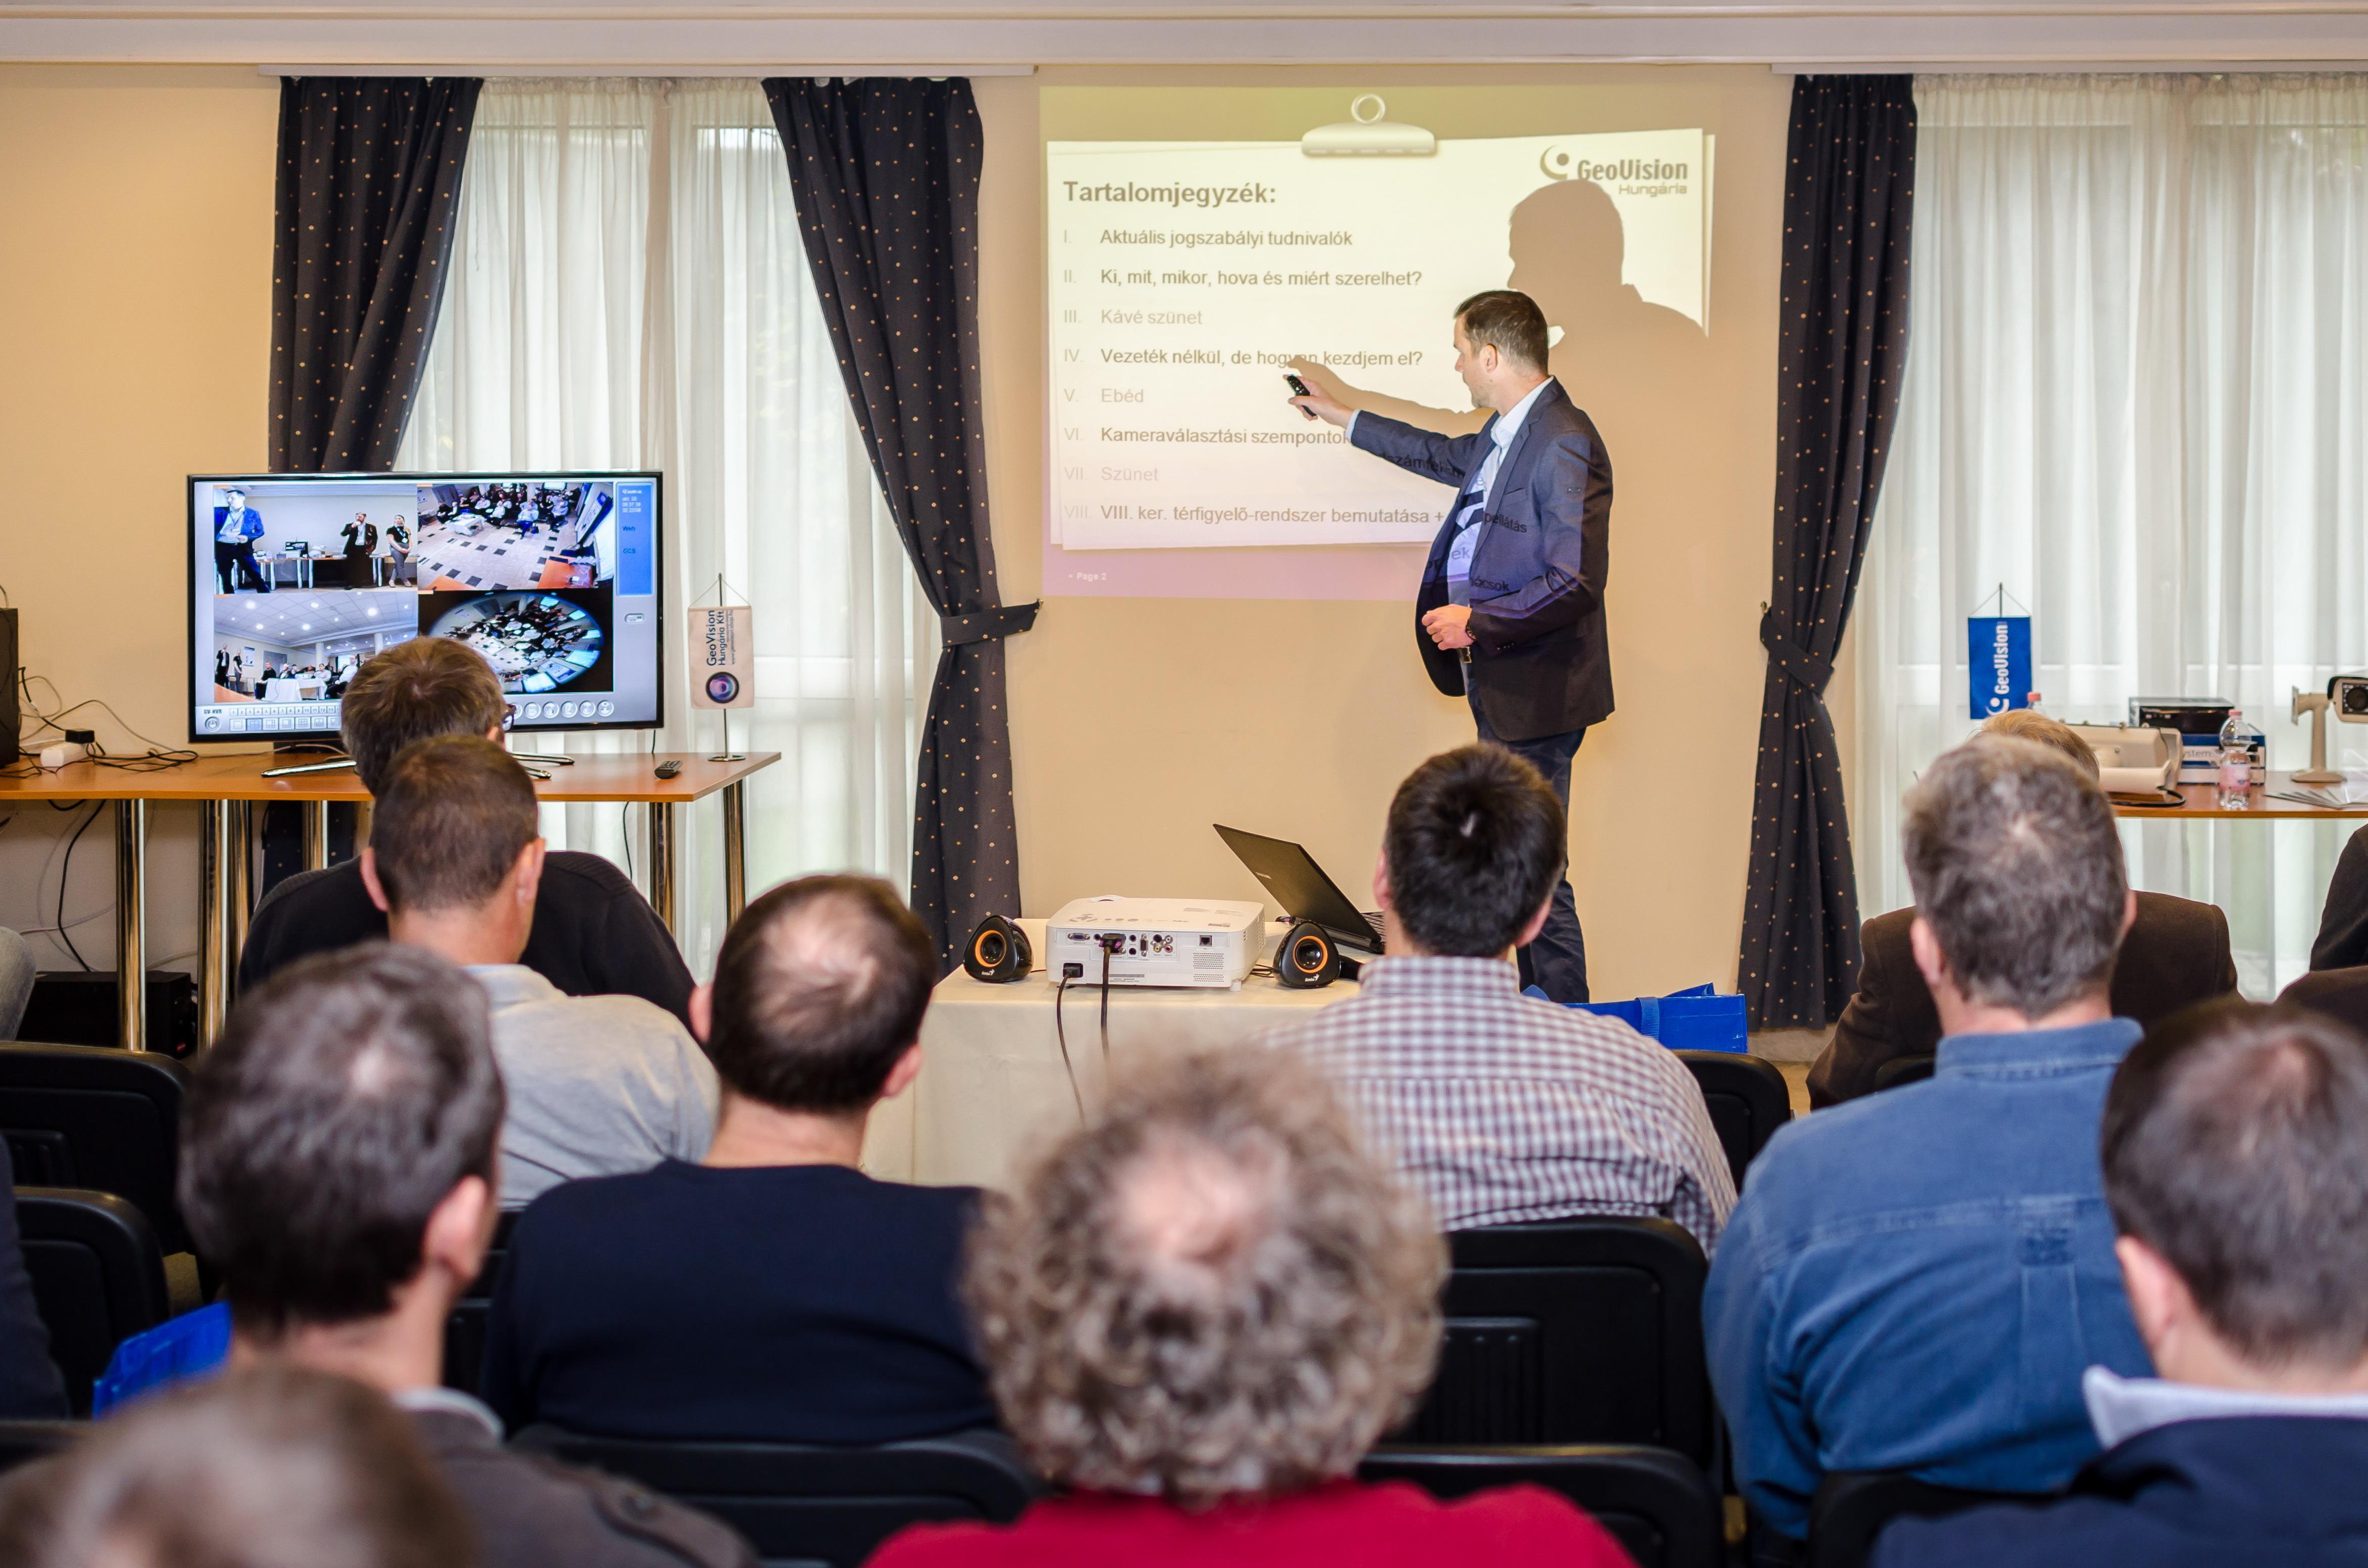 Beszámoló a GeoVision Hungária Kft közterületi térfigyelés konferenciájáról Forrás: GeoVision Hungária Kft